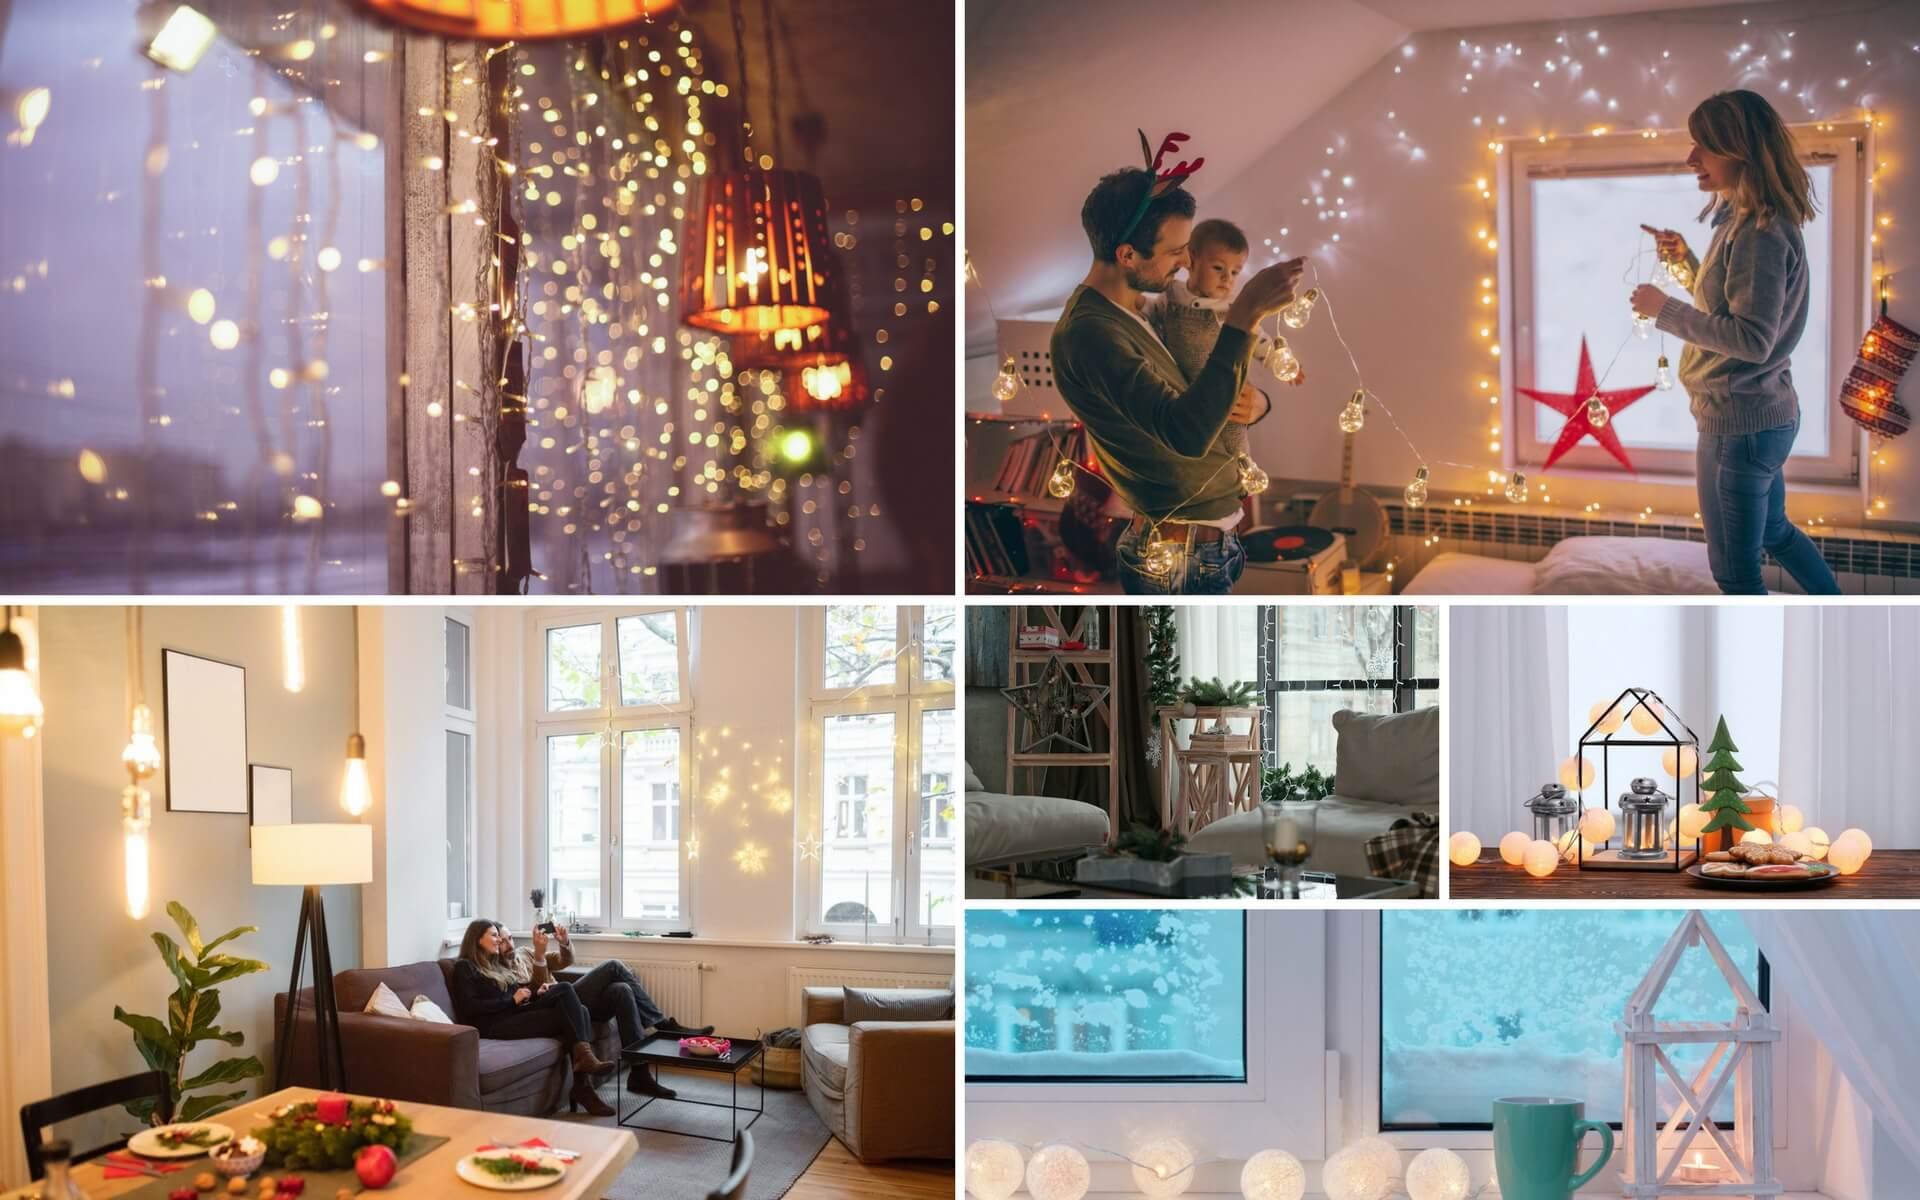 Decorazioni natalizie per porte e finestre blog oknoplast - Decorazioni natalizie per porte e finestre ...